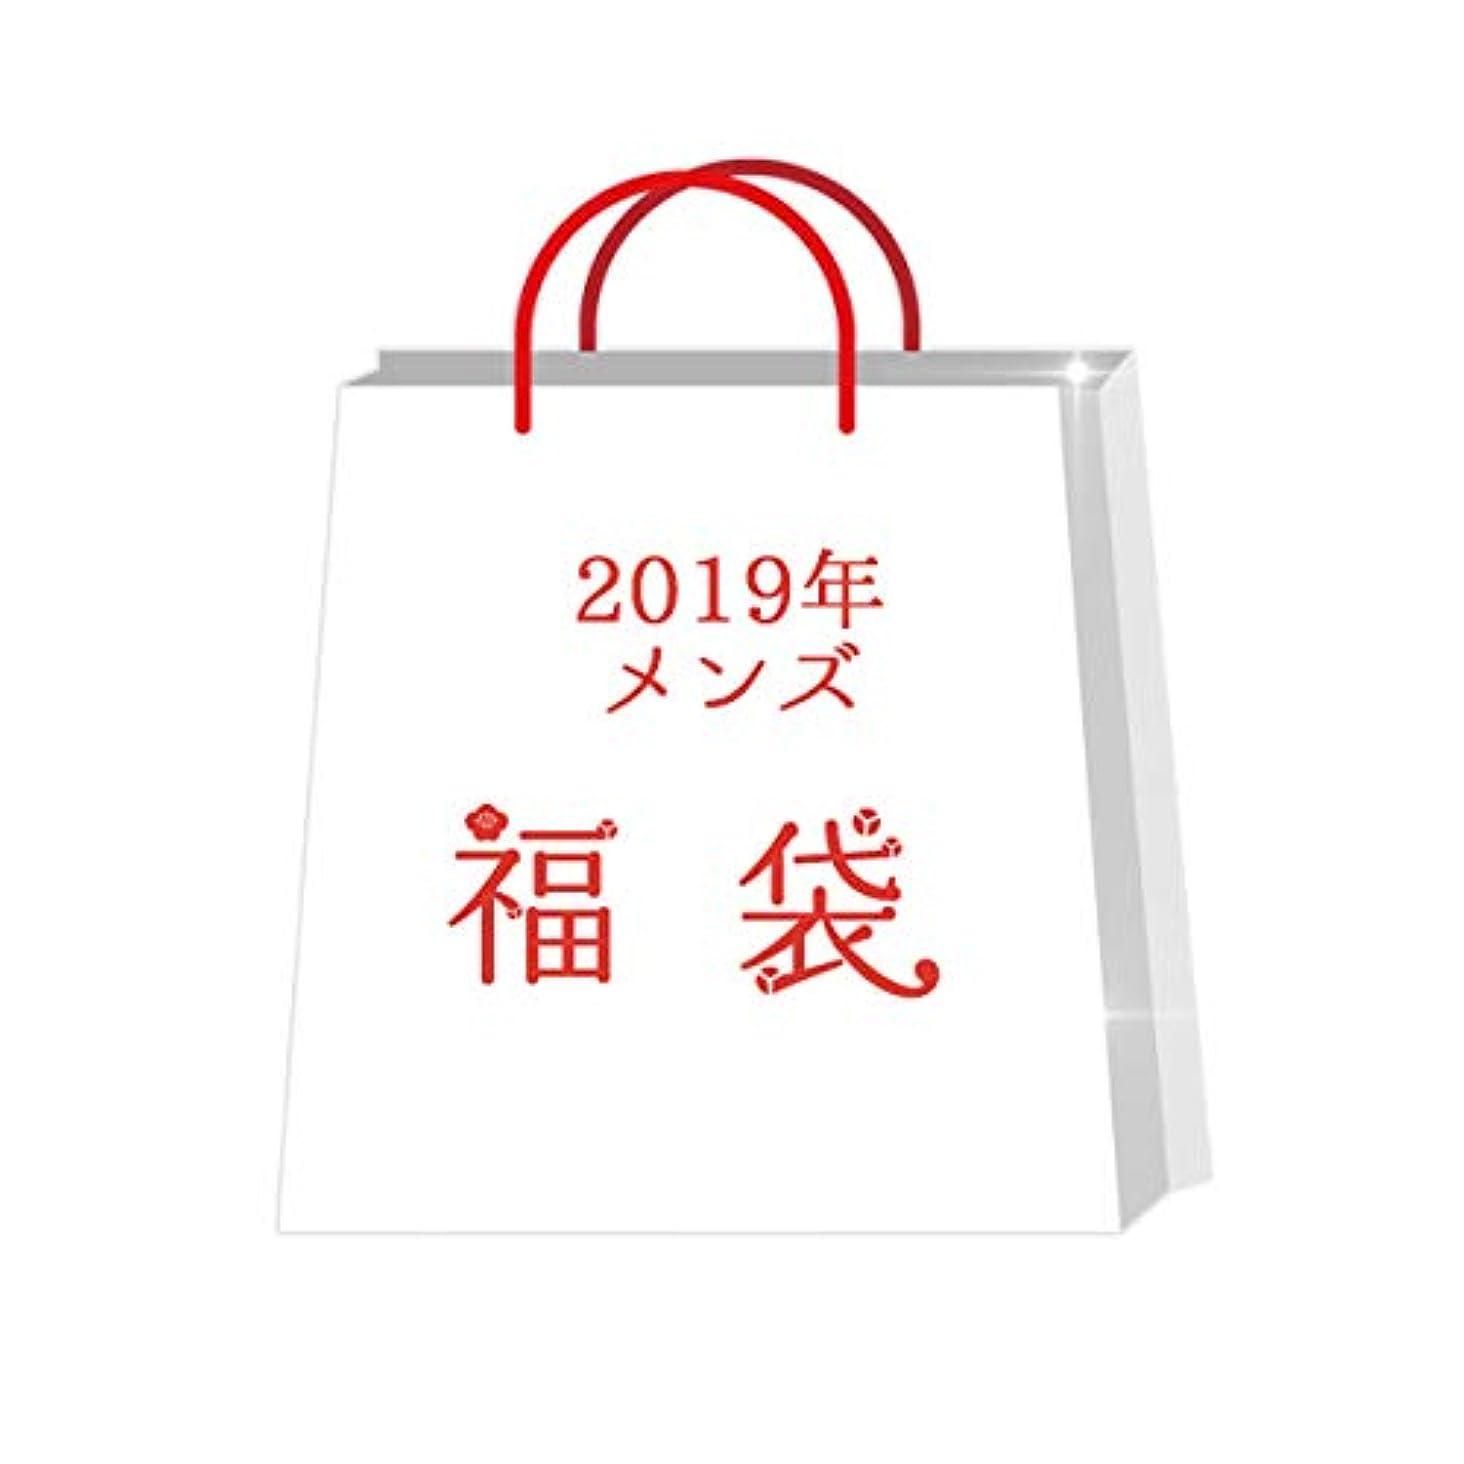 繰り返した治世累計2019年福袋 ◆ 運だめし福袋! 1000円ぽっきり メンズ 福袋!